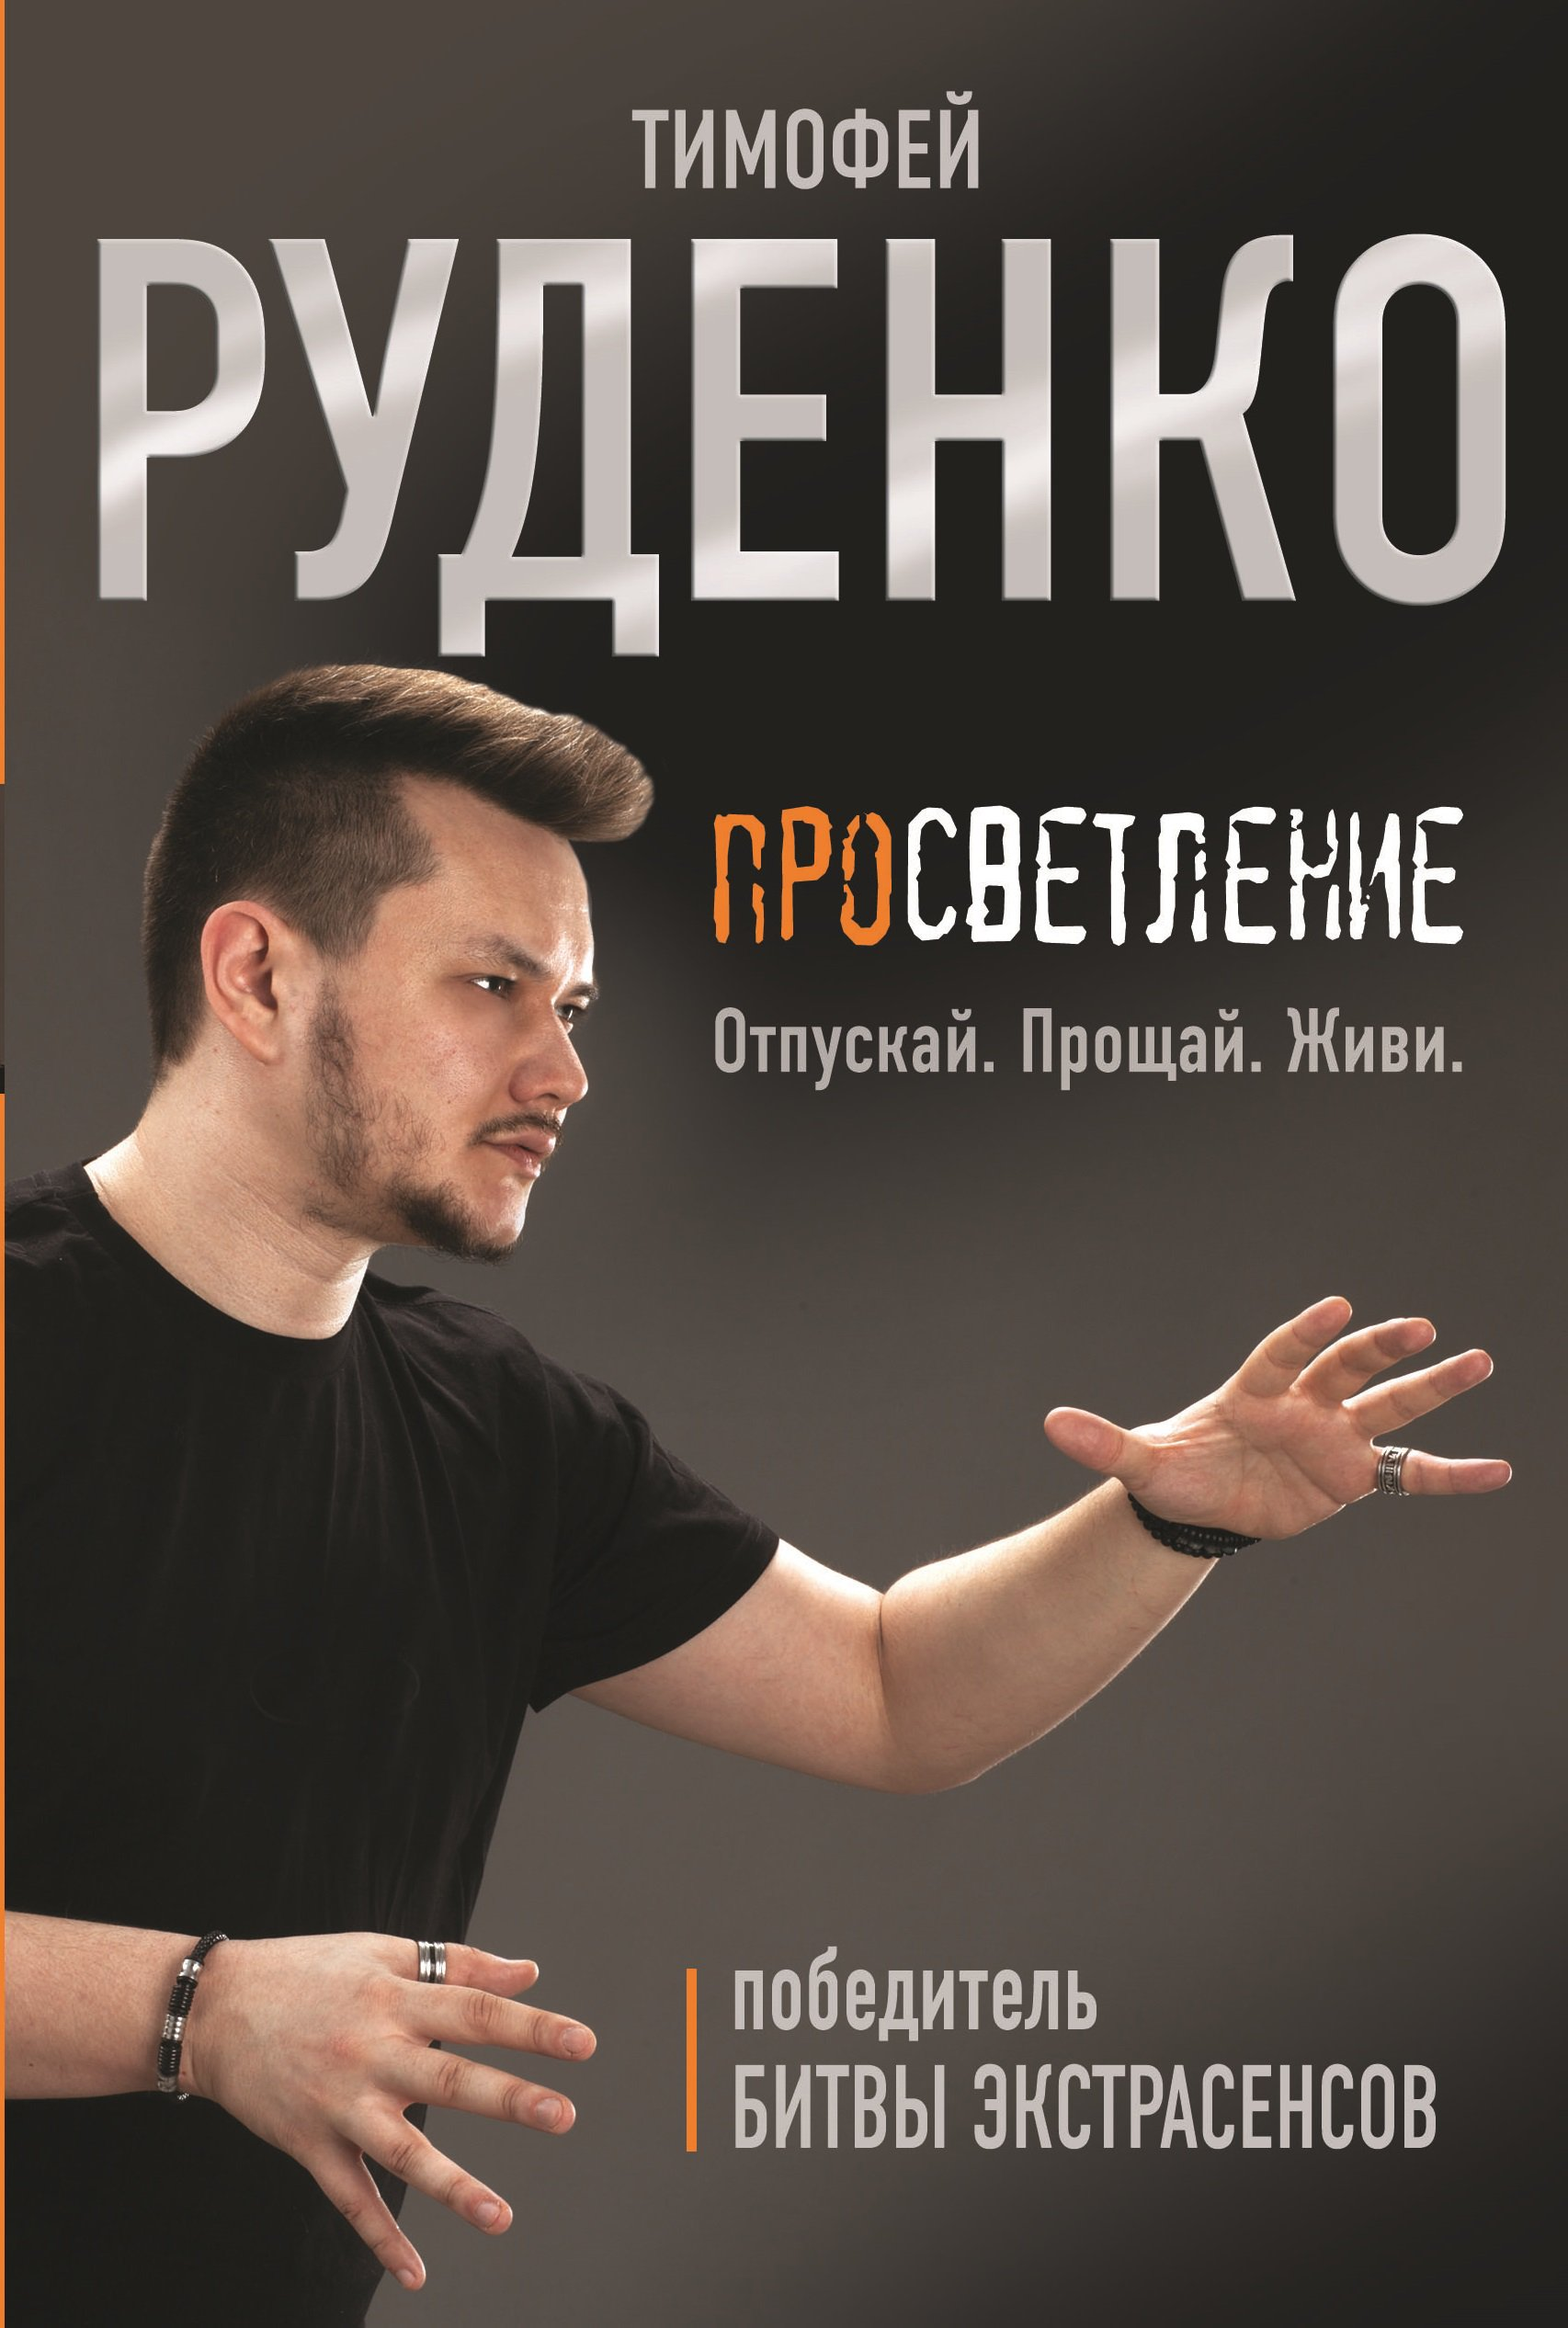 Руденко Тимофей Андреевич Просветление. Отпускай. Прощай. Живи